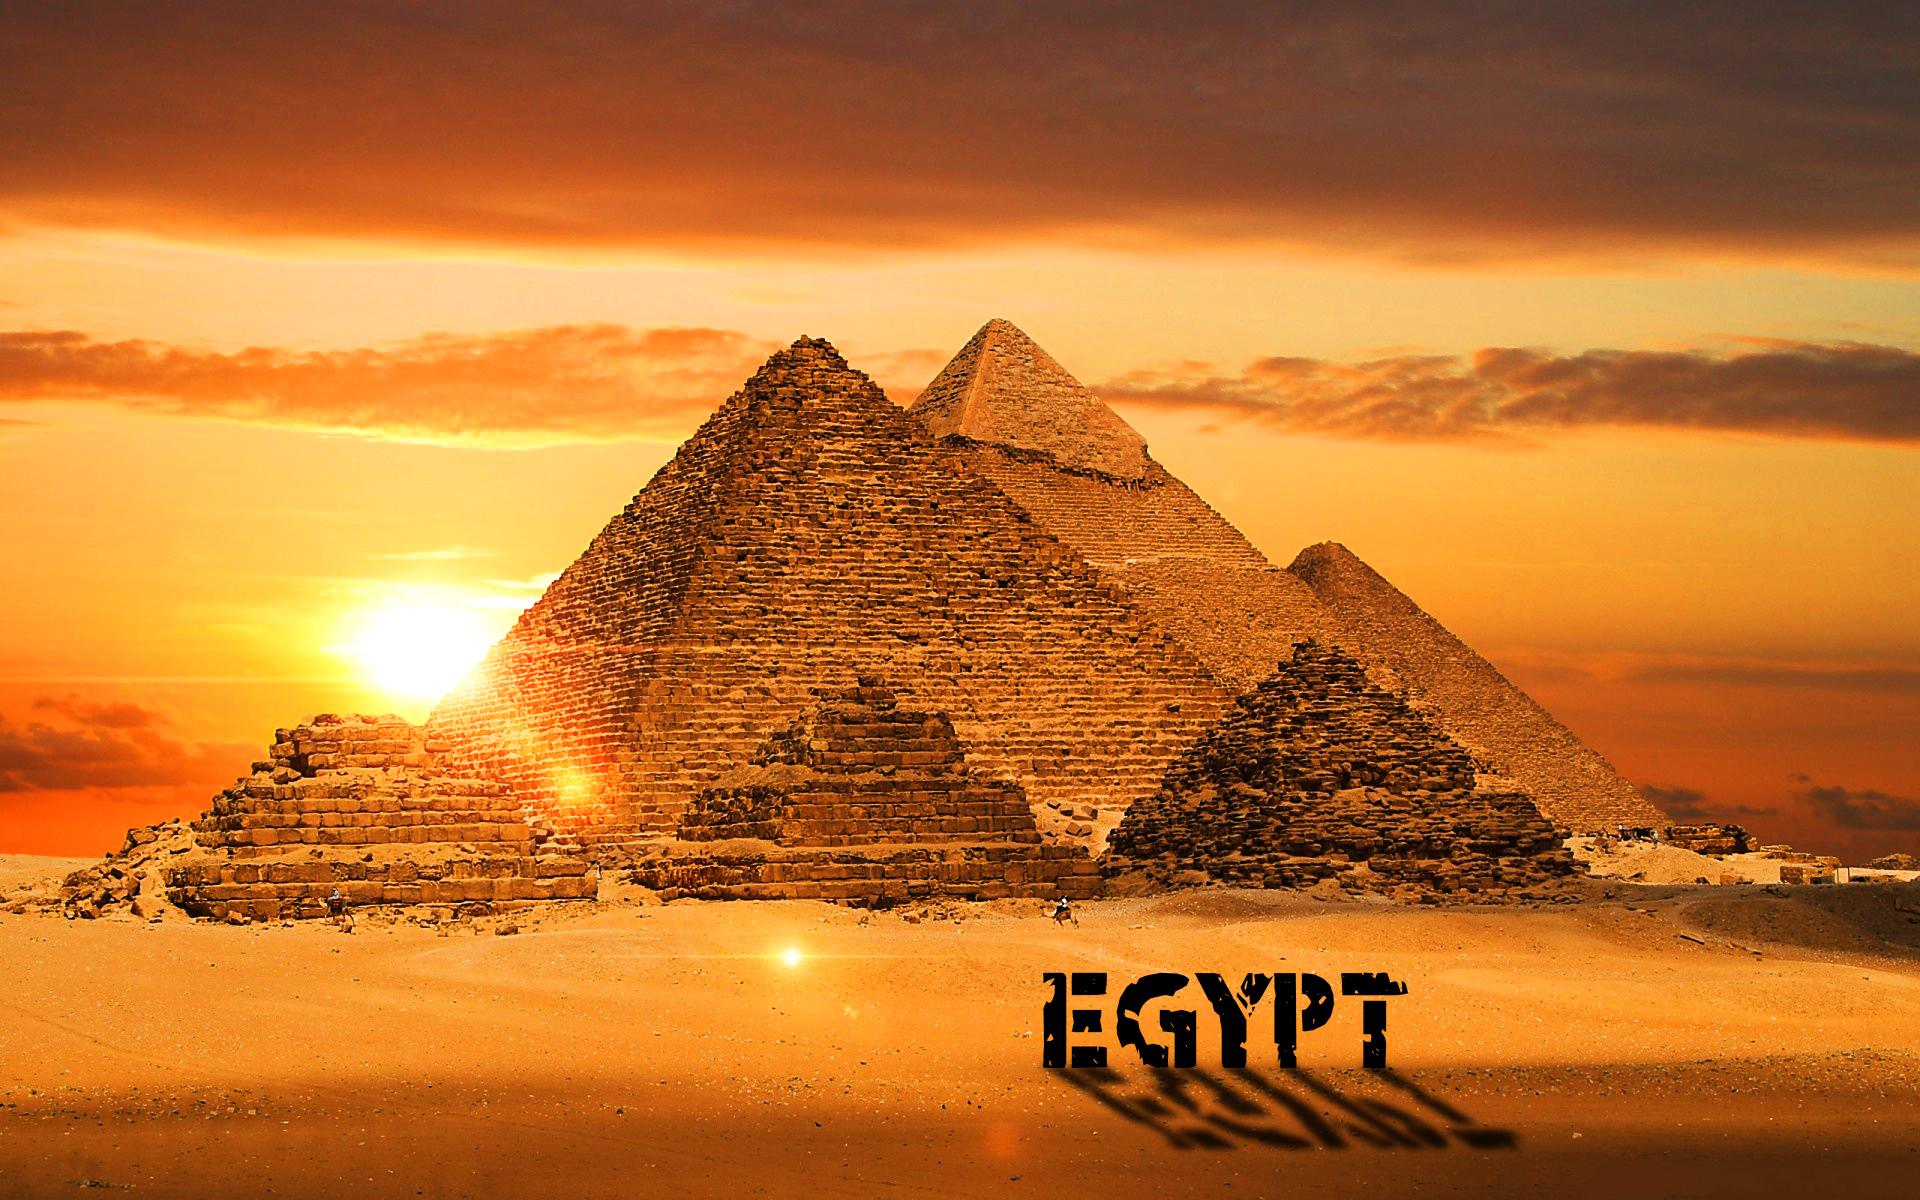 معلومات-عن-مصر